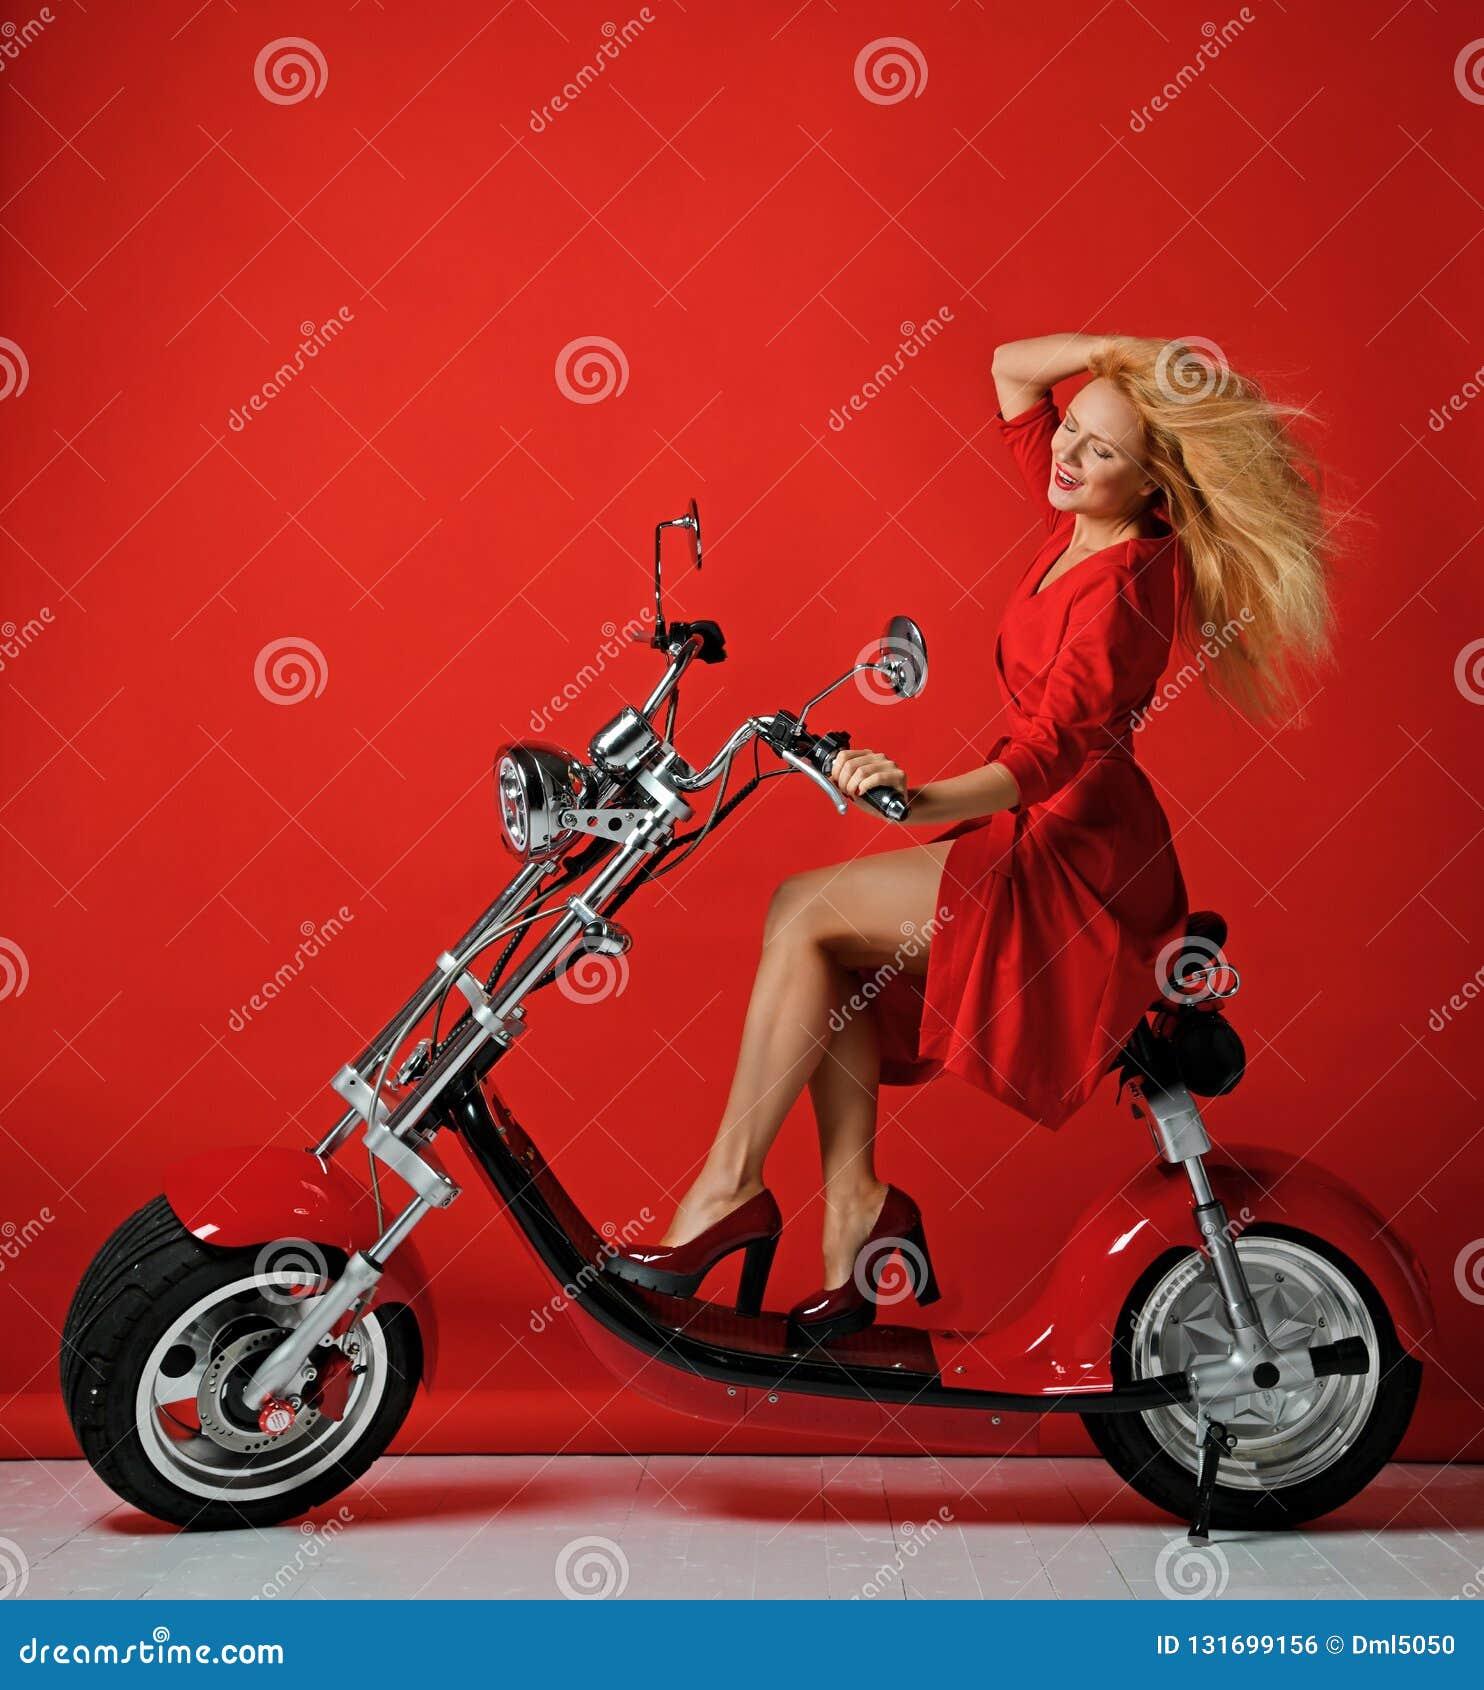 Sparkcykel För Cykel För Motorcykel För Kvinnaritt Elektrisk